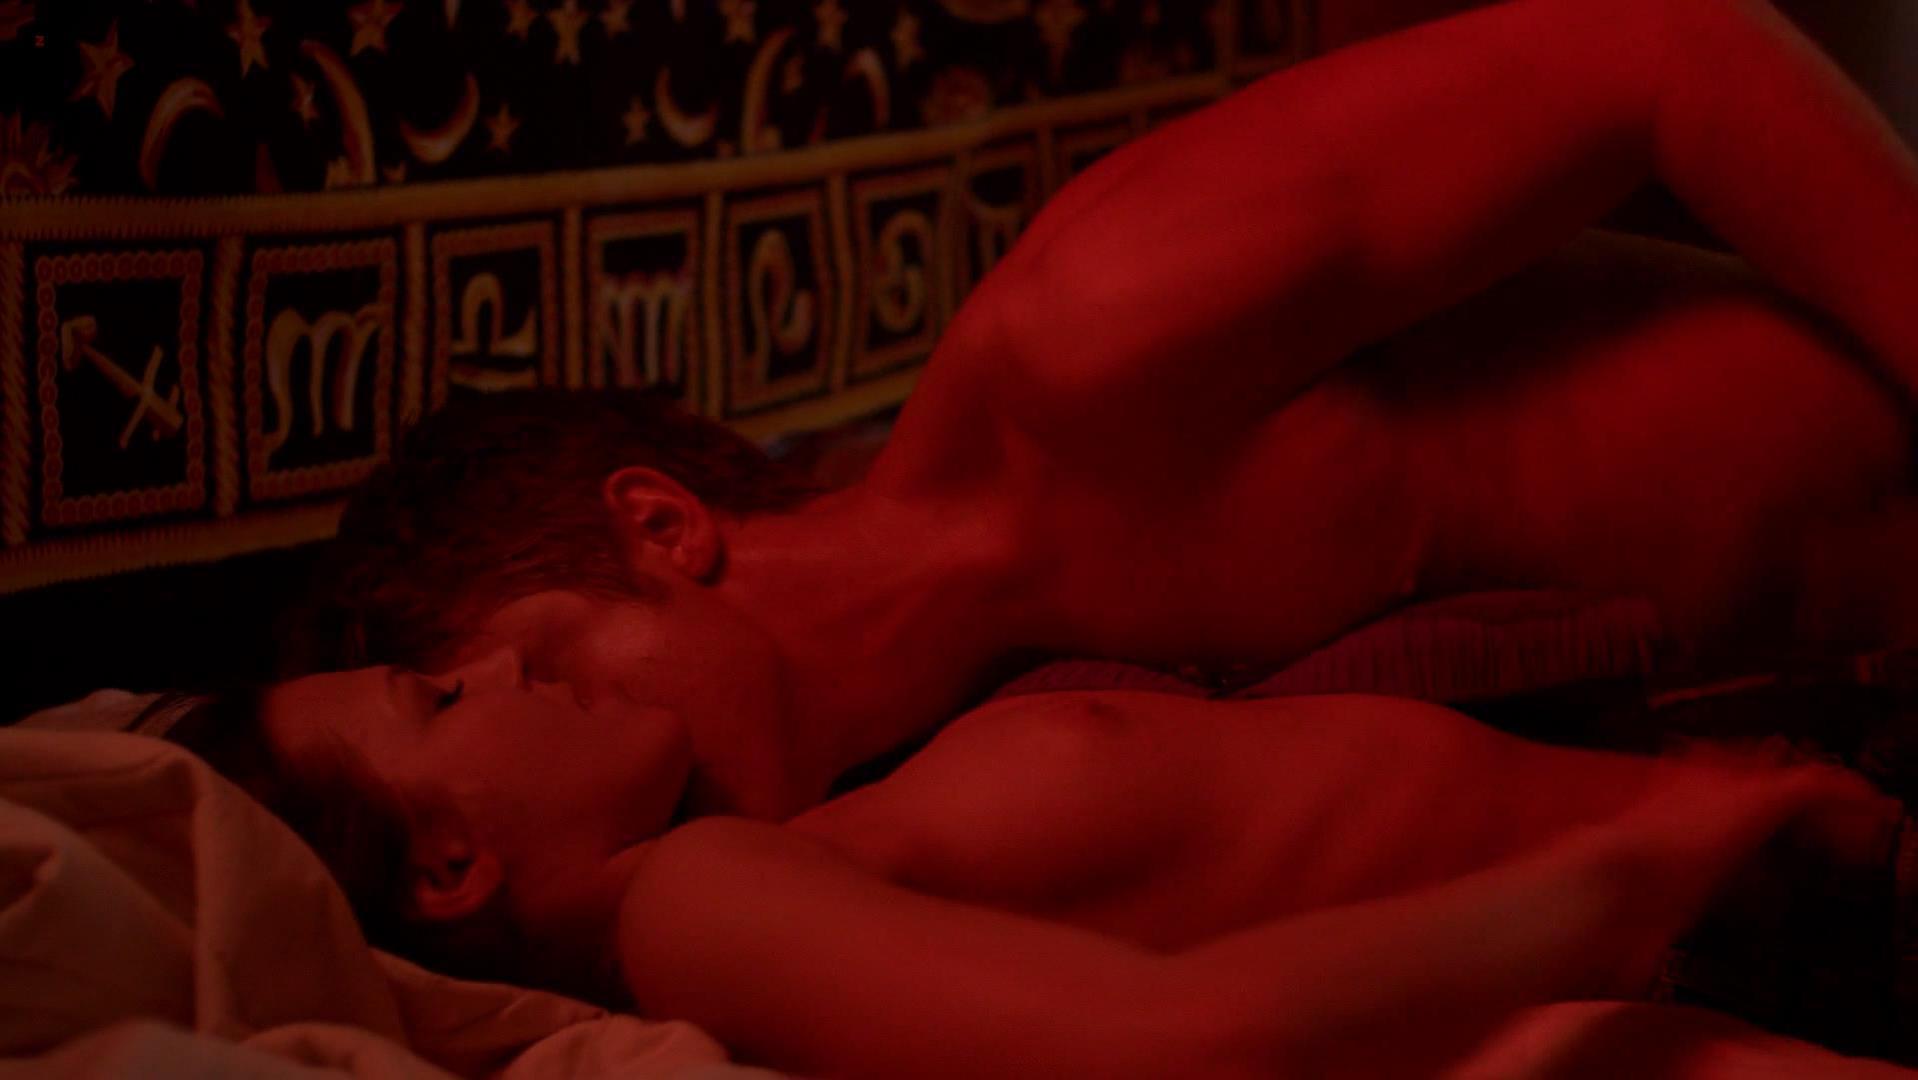 Amanda Ward nude - Born Bad (2011)